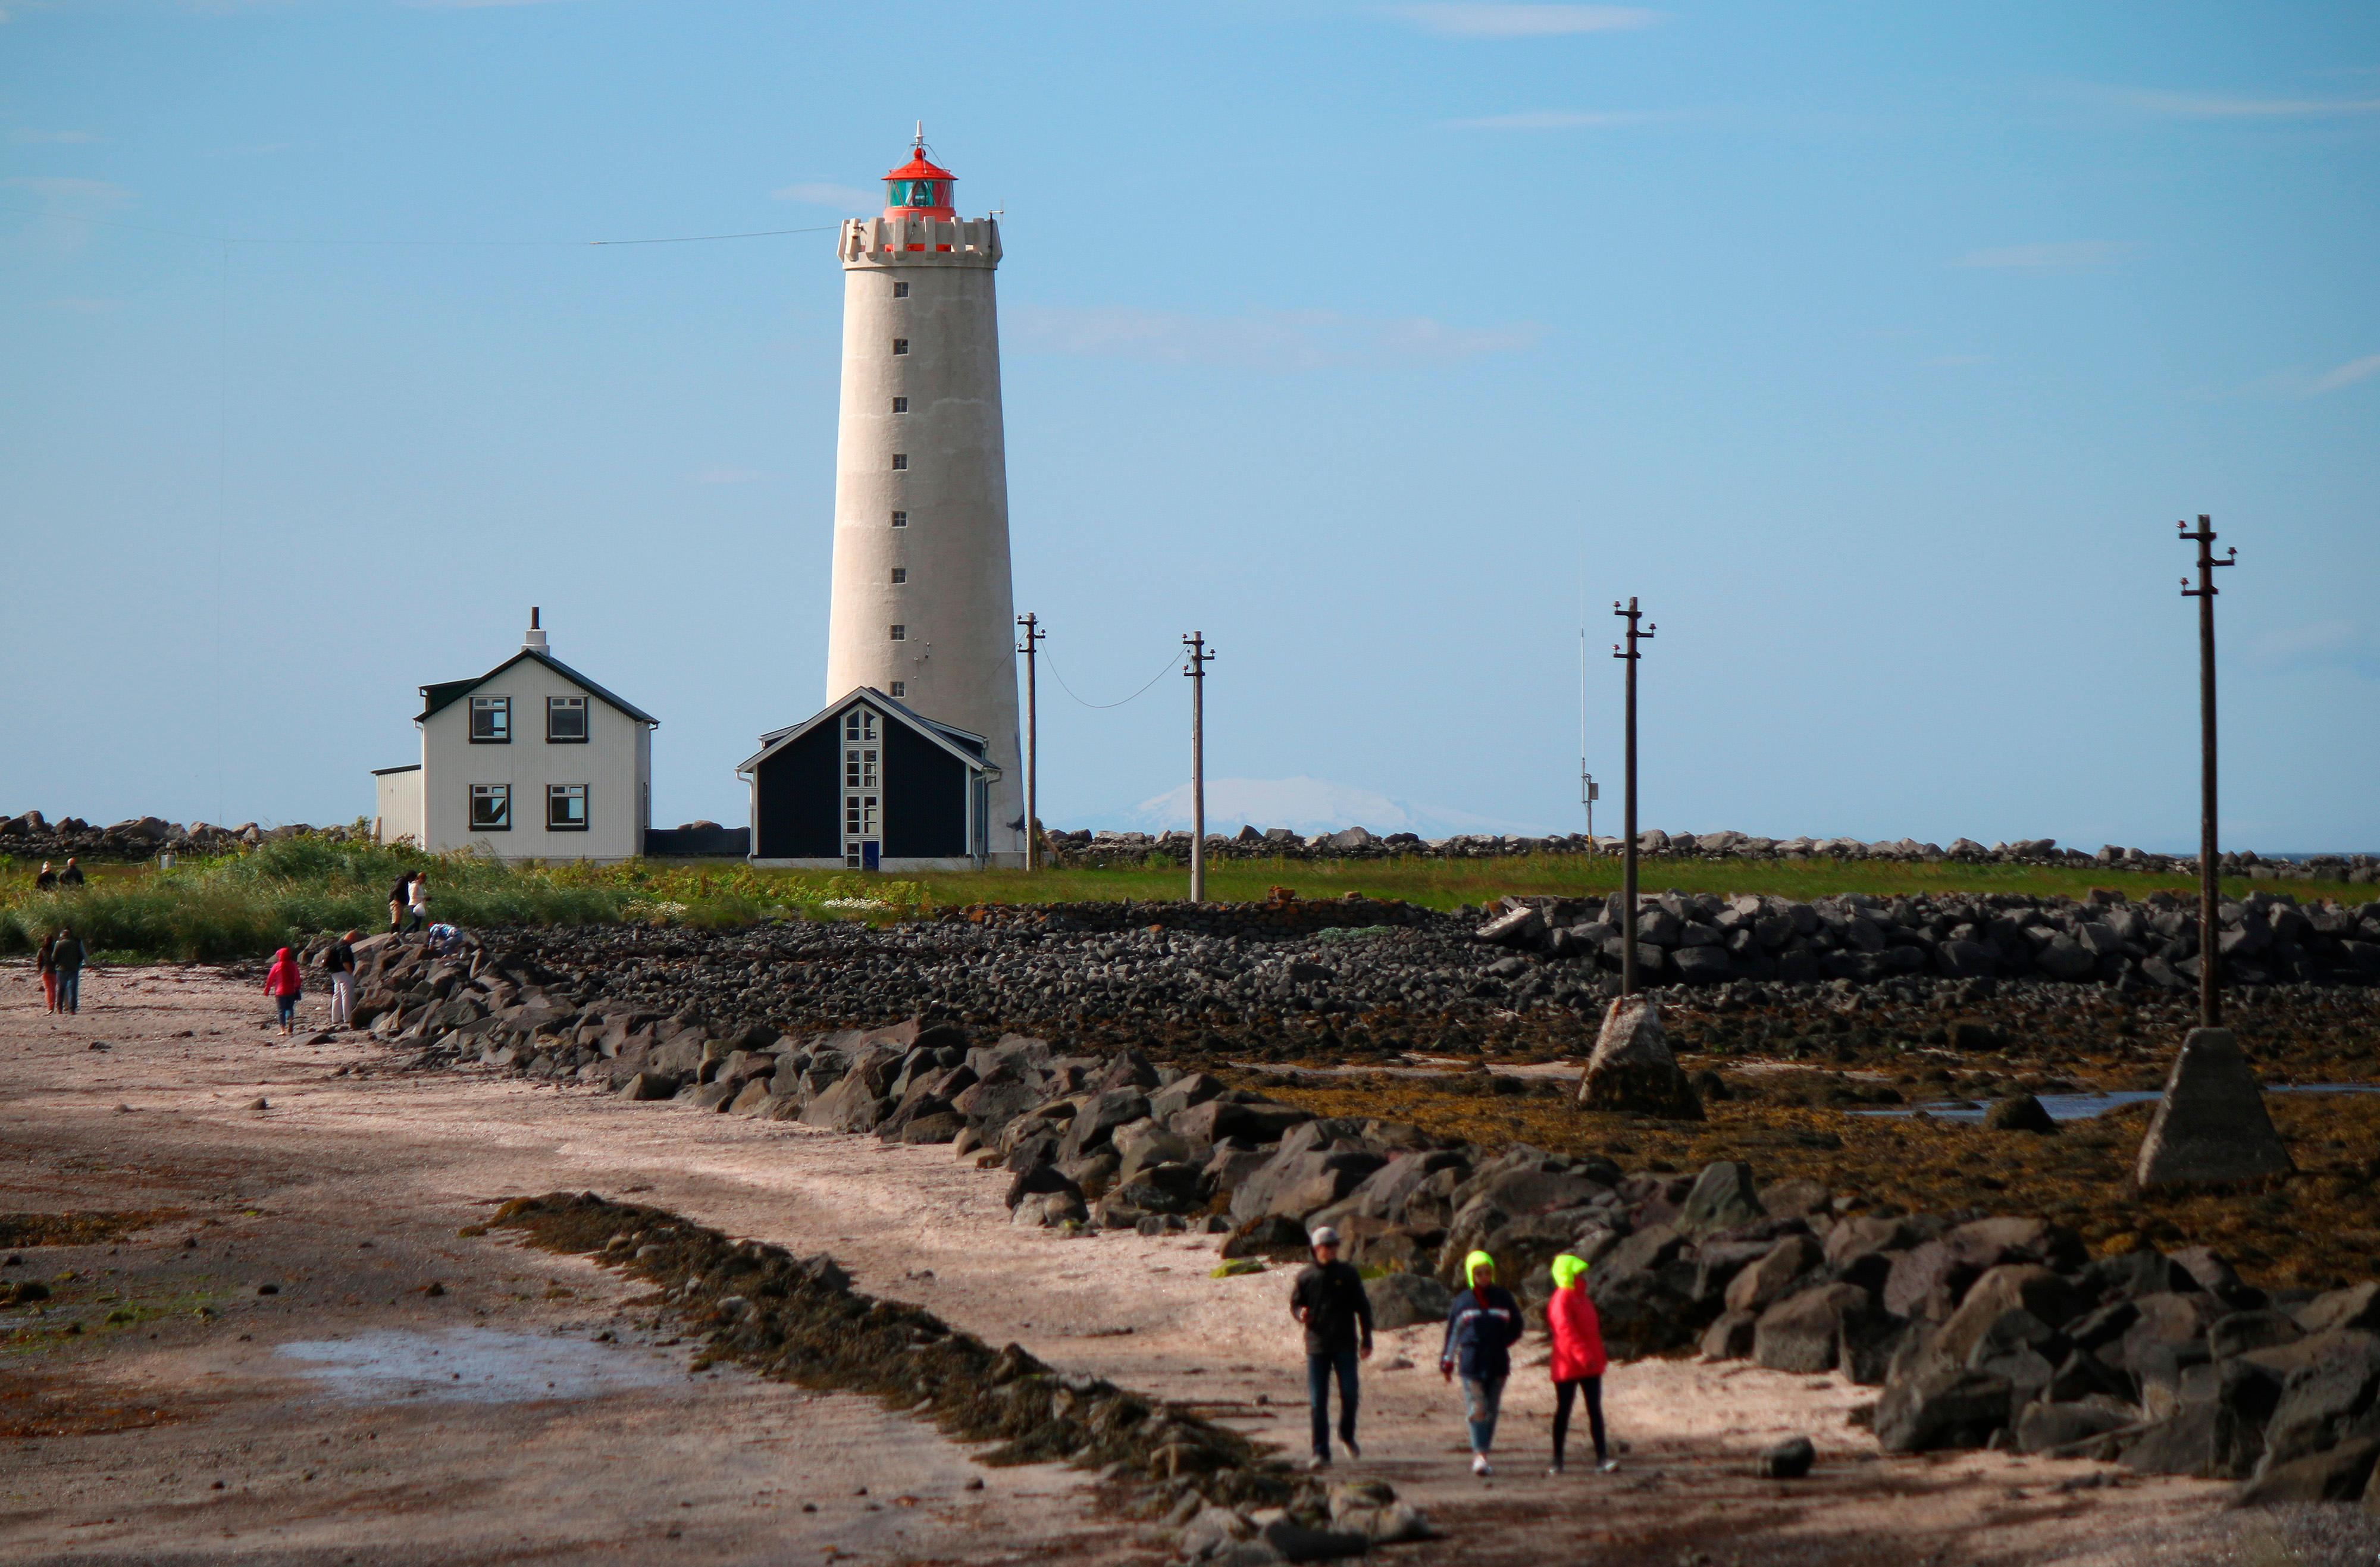 Grotta Island Lighthouse Leuchtturm, Seltjarnarnes, Reykjavik, Island.